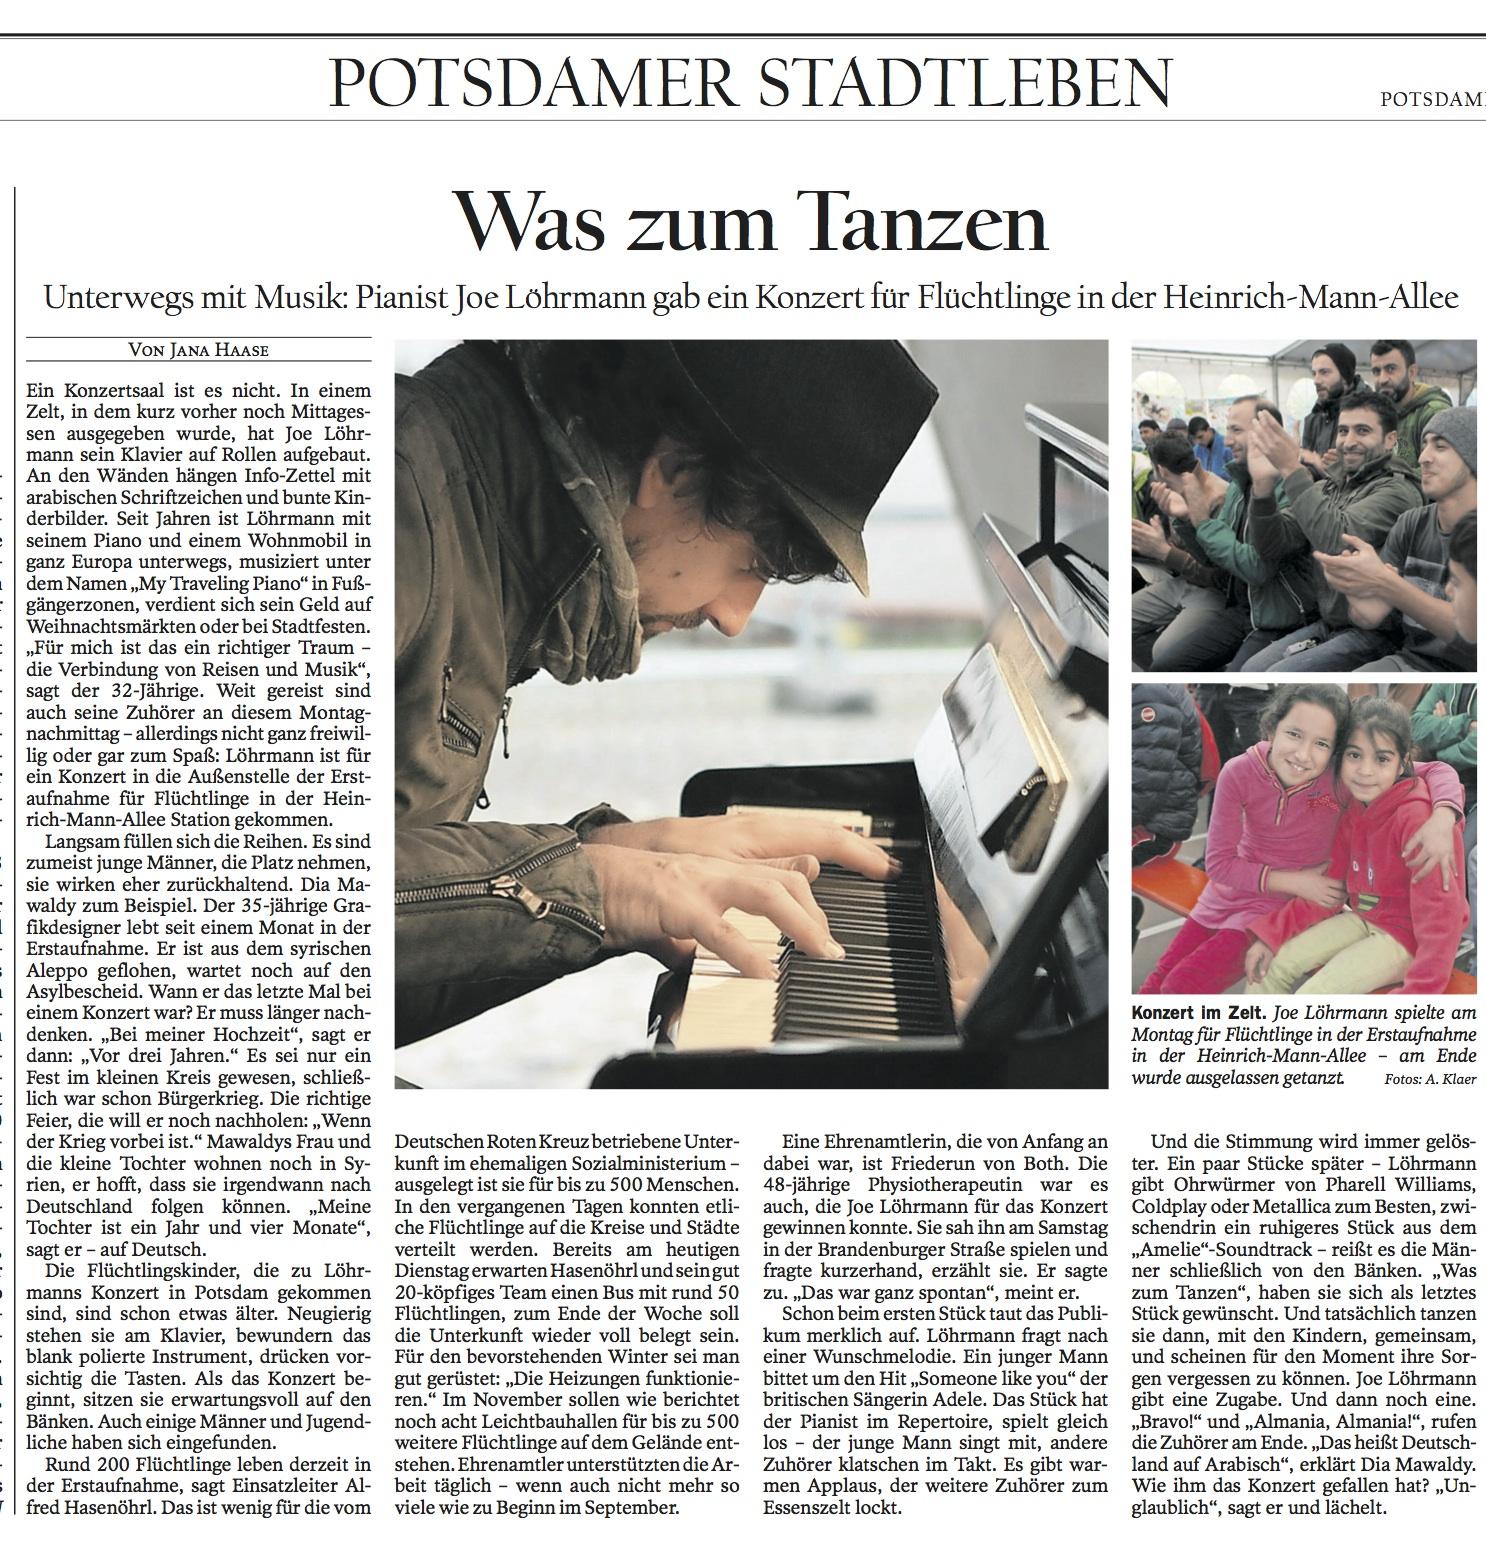 2015-10-20_Potsdamer_Neue_Nachrichten_-_Konzert_für_Flüchtlinge_(Ausschnitt)